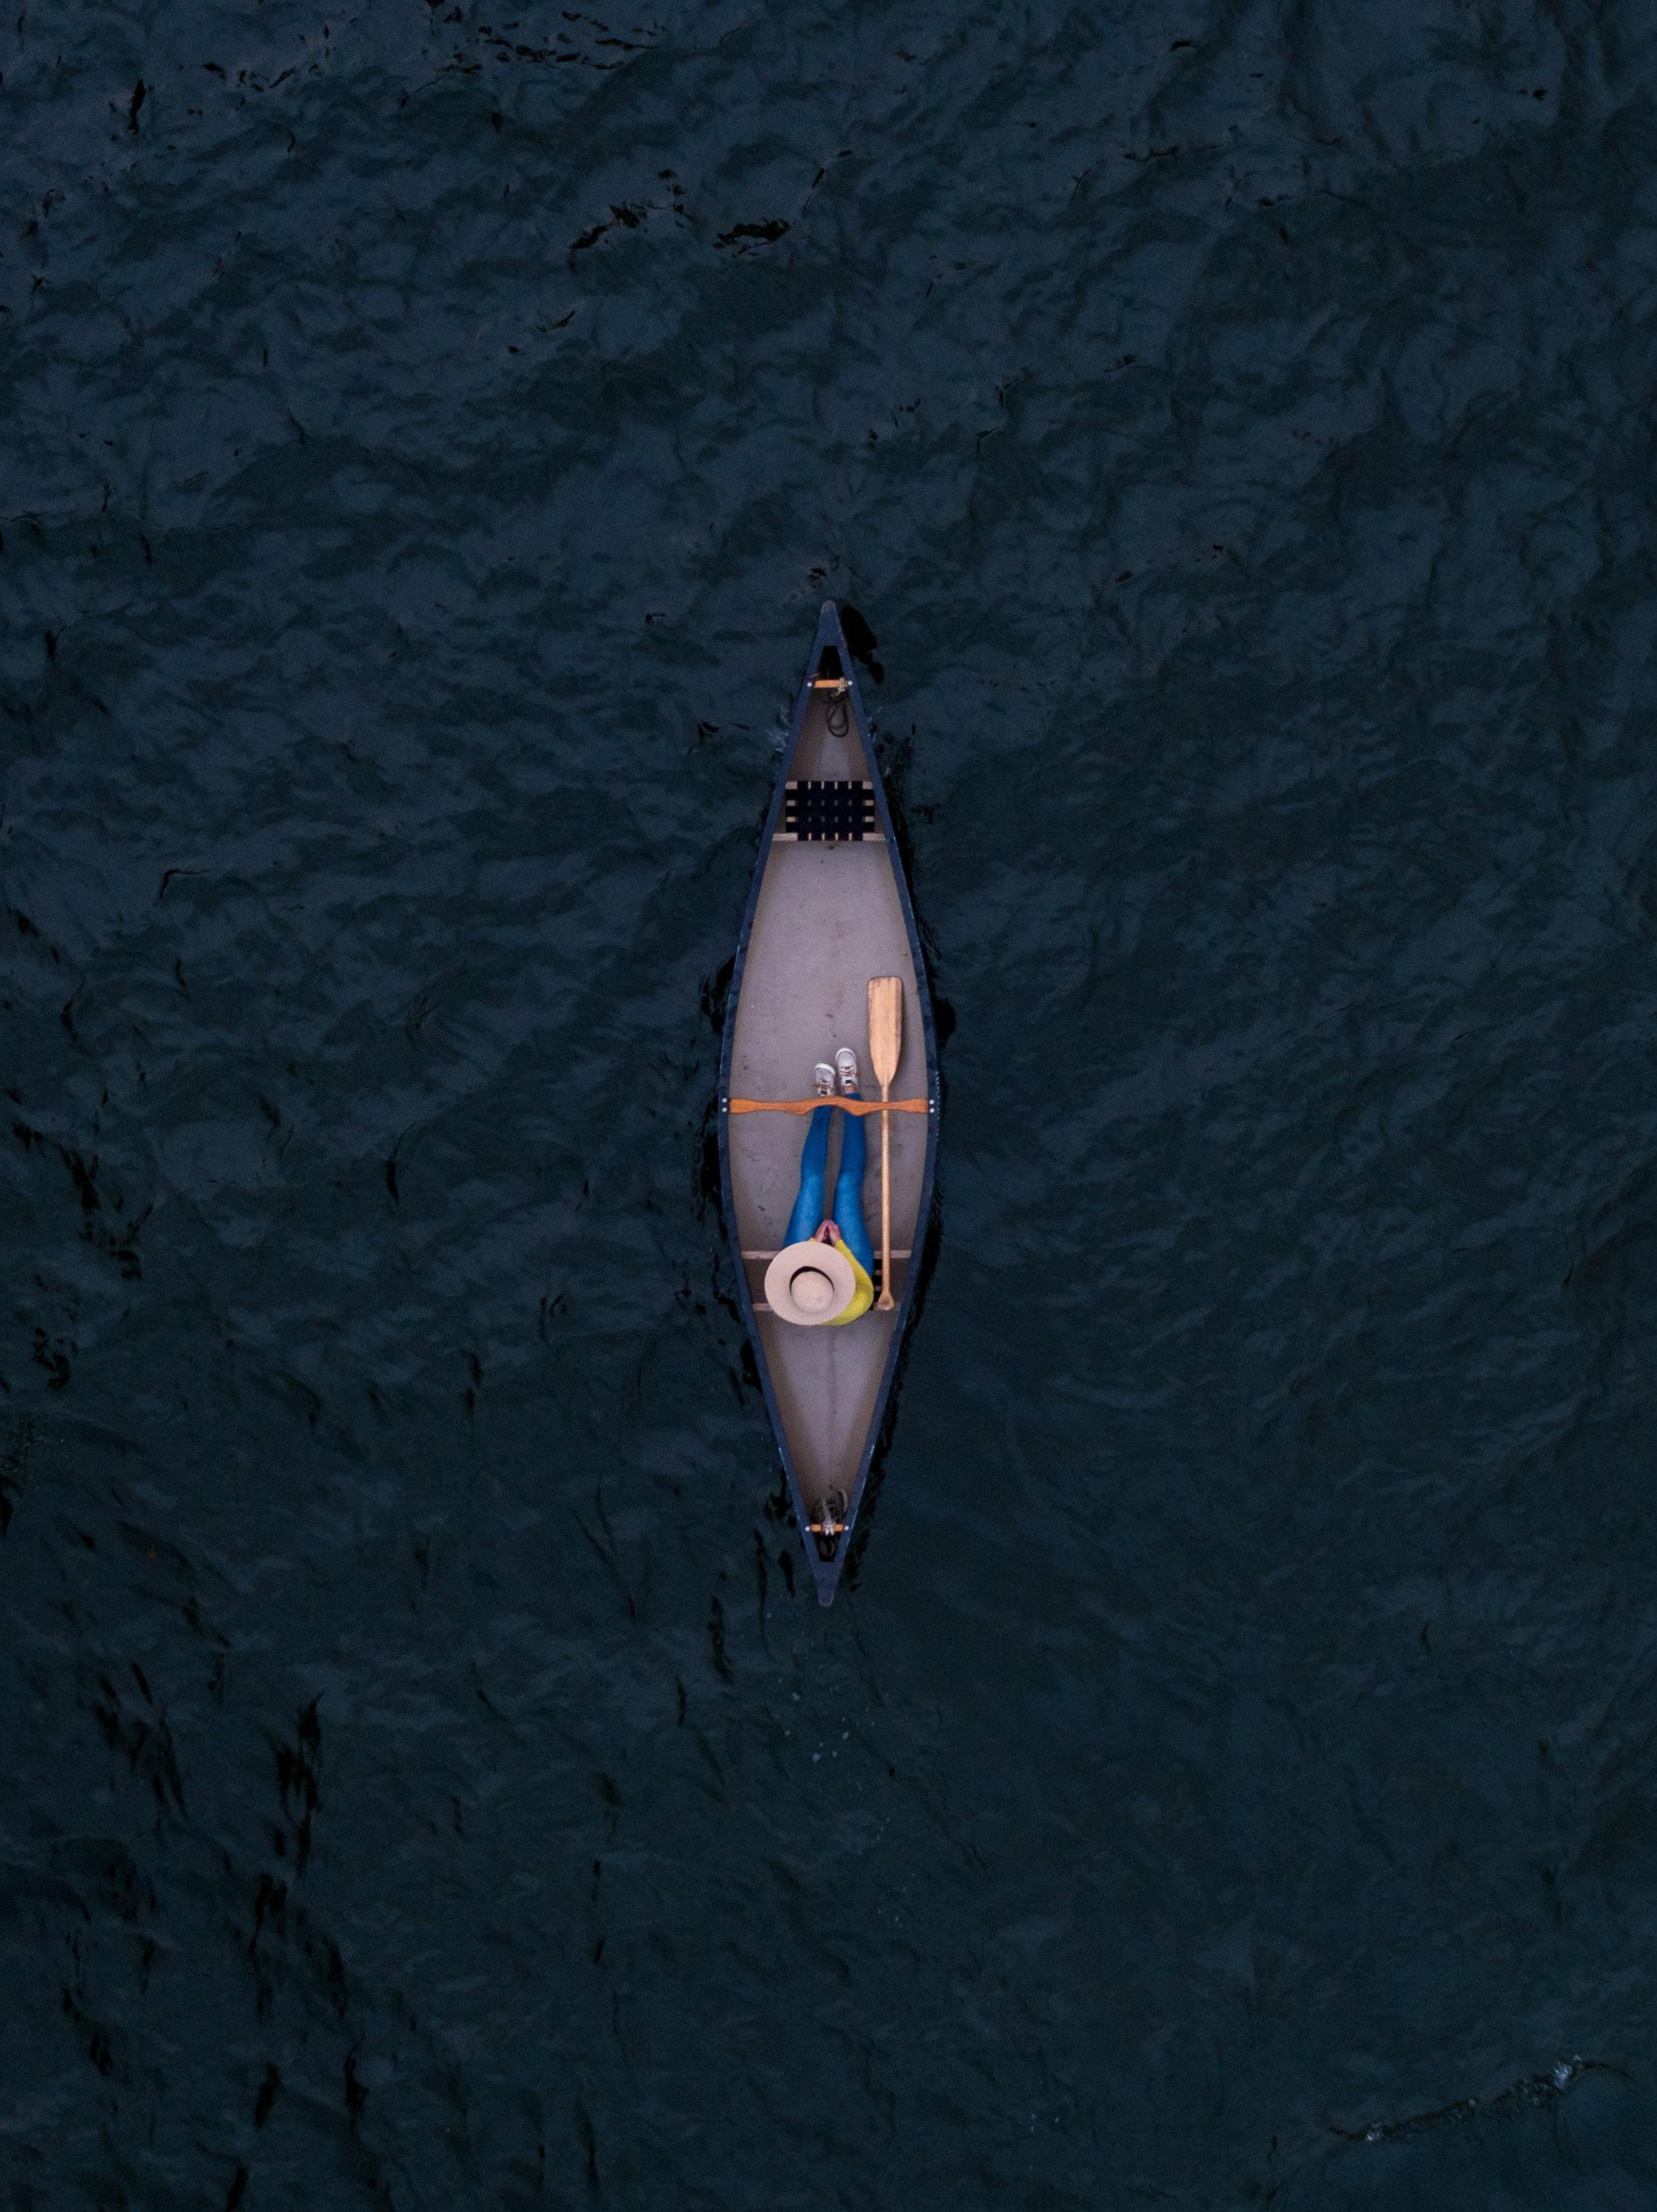 abiboat_typoland_aerial-2.jpg